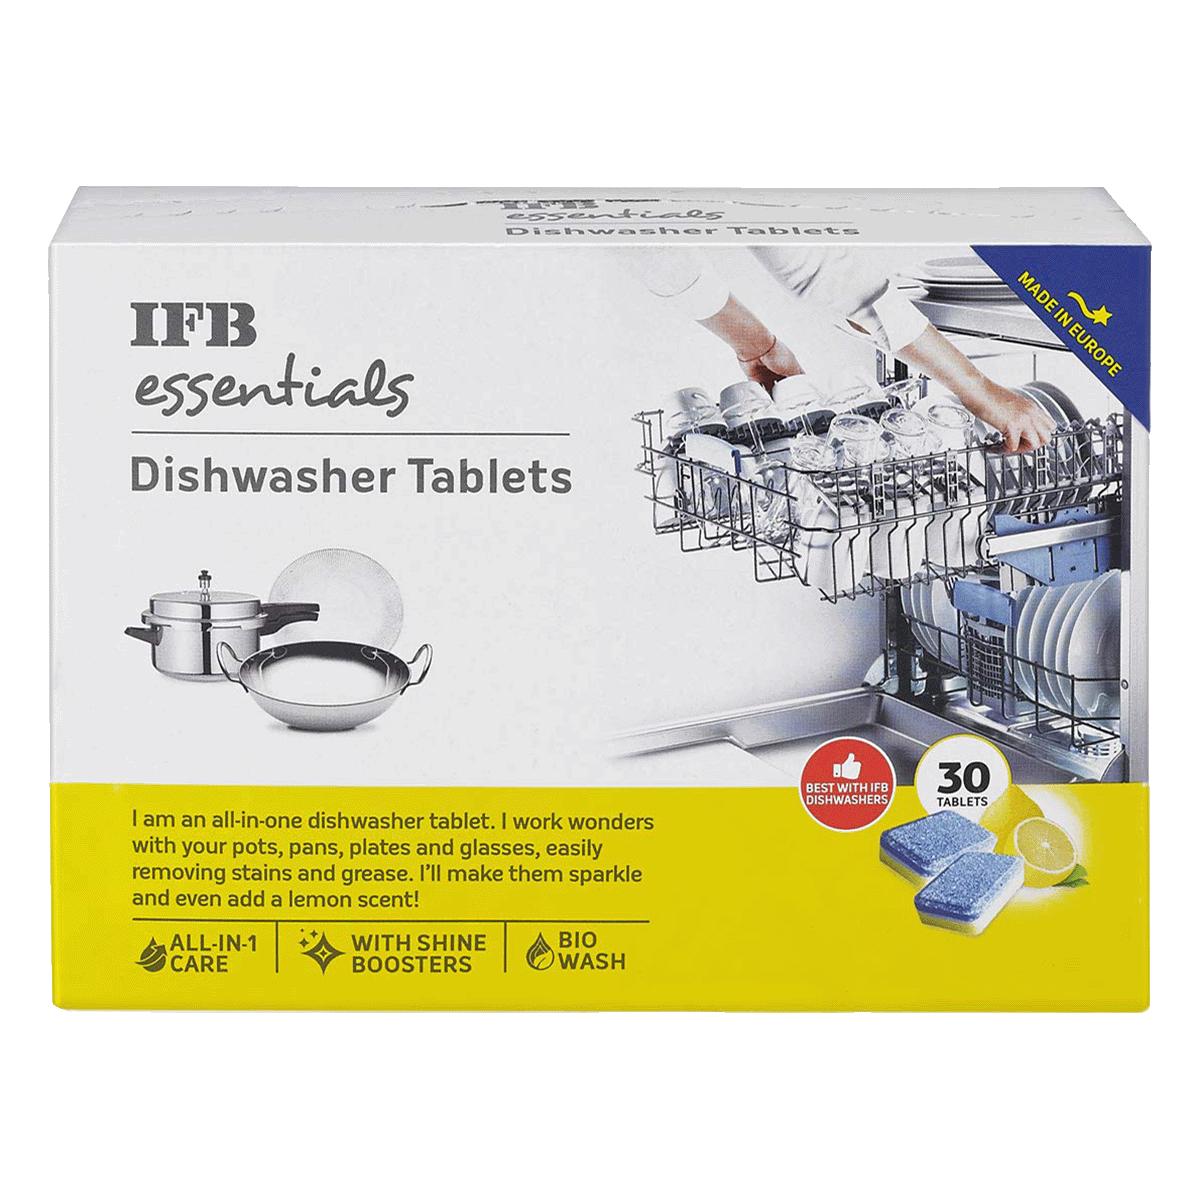 IFB Essentials Dishwasher Tablets (30 tablets (540gm), Dishwasher Tablets, White)_1